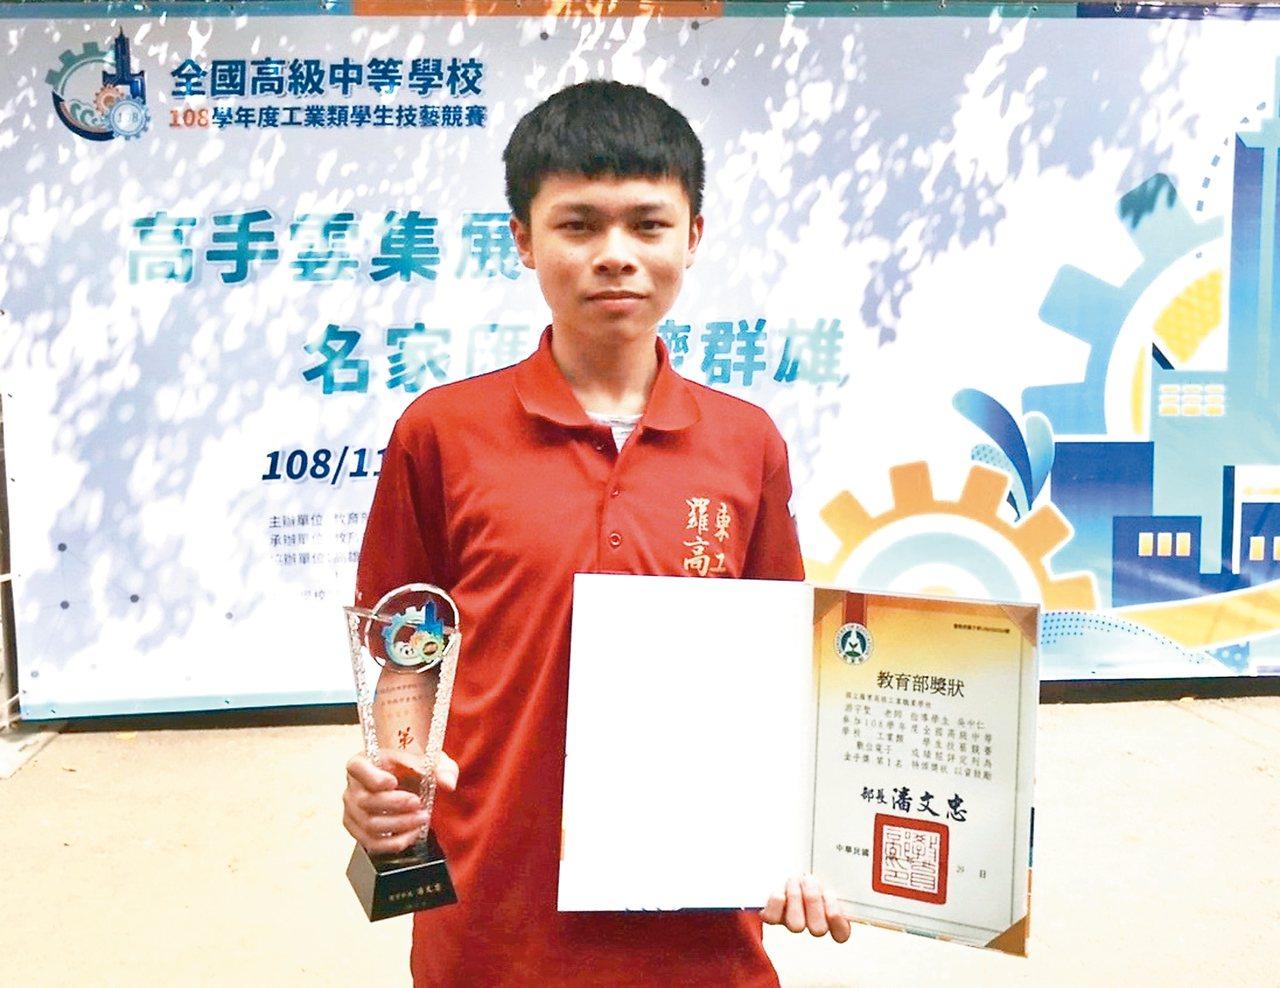 羅東高工學生吳中仁喜獲金手獎,在他入學第一天,父親就過世,他昨拿獎告慰在天上的爸...